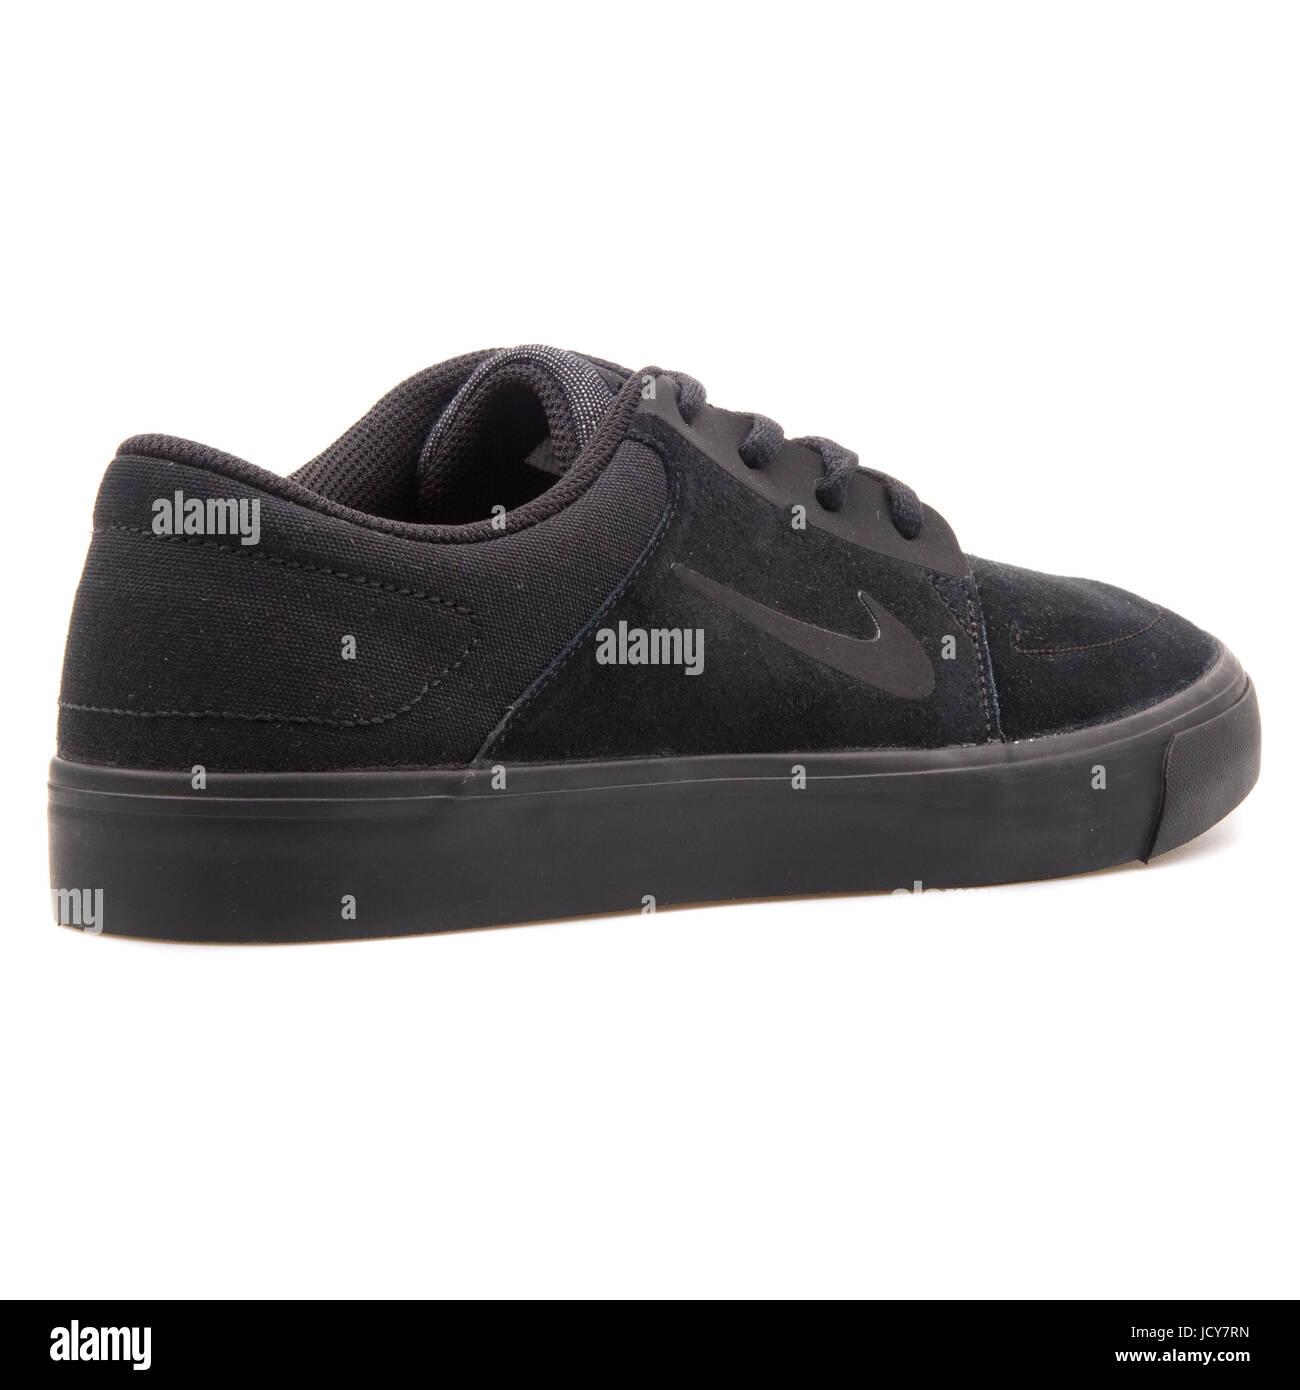 Nike SB Portmore Black Men's Skateboarding Schuhe 725027